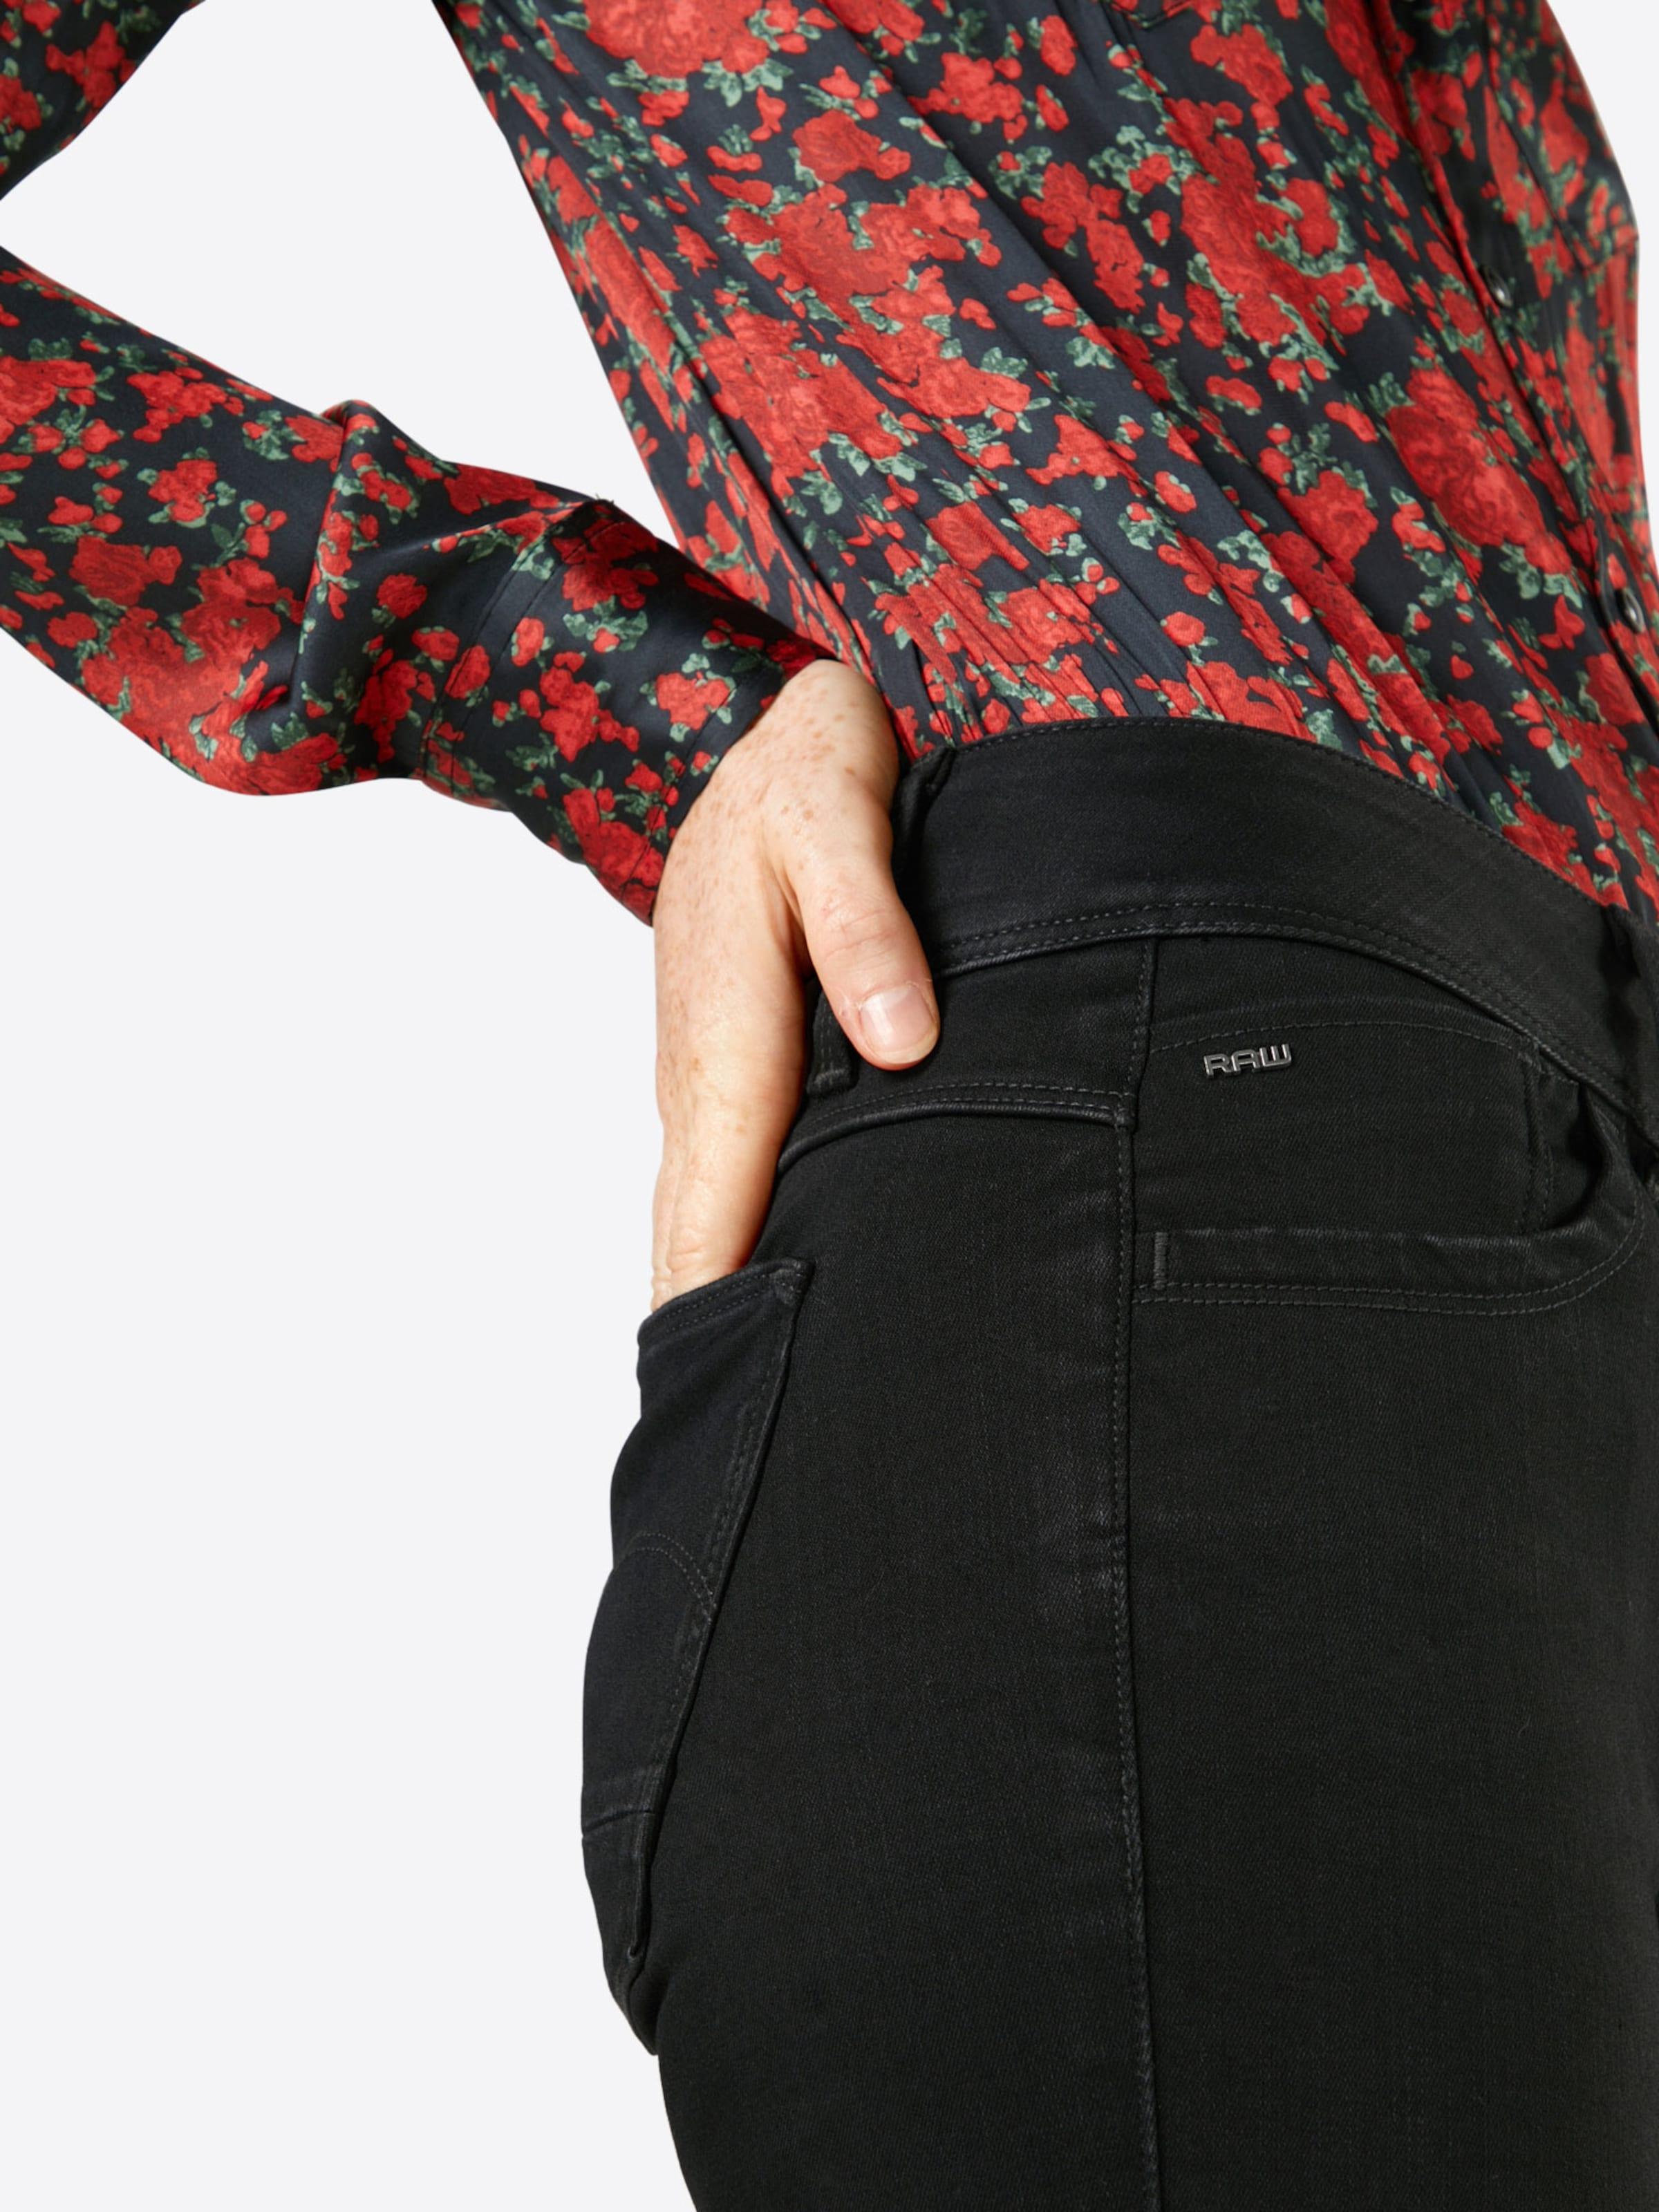 Black Raw In 'lynn' Jeans Denim G star redCoxQBW